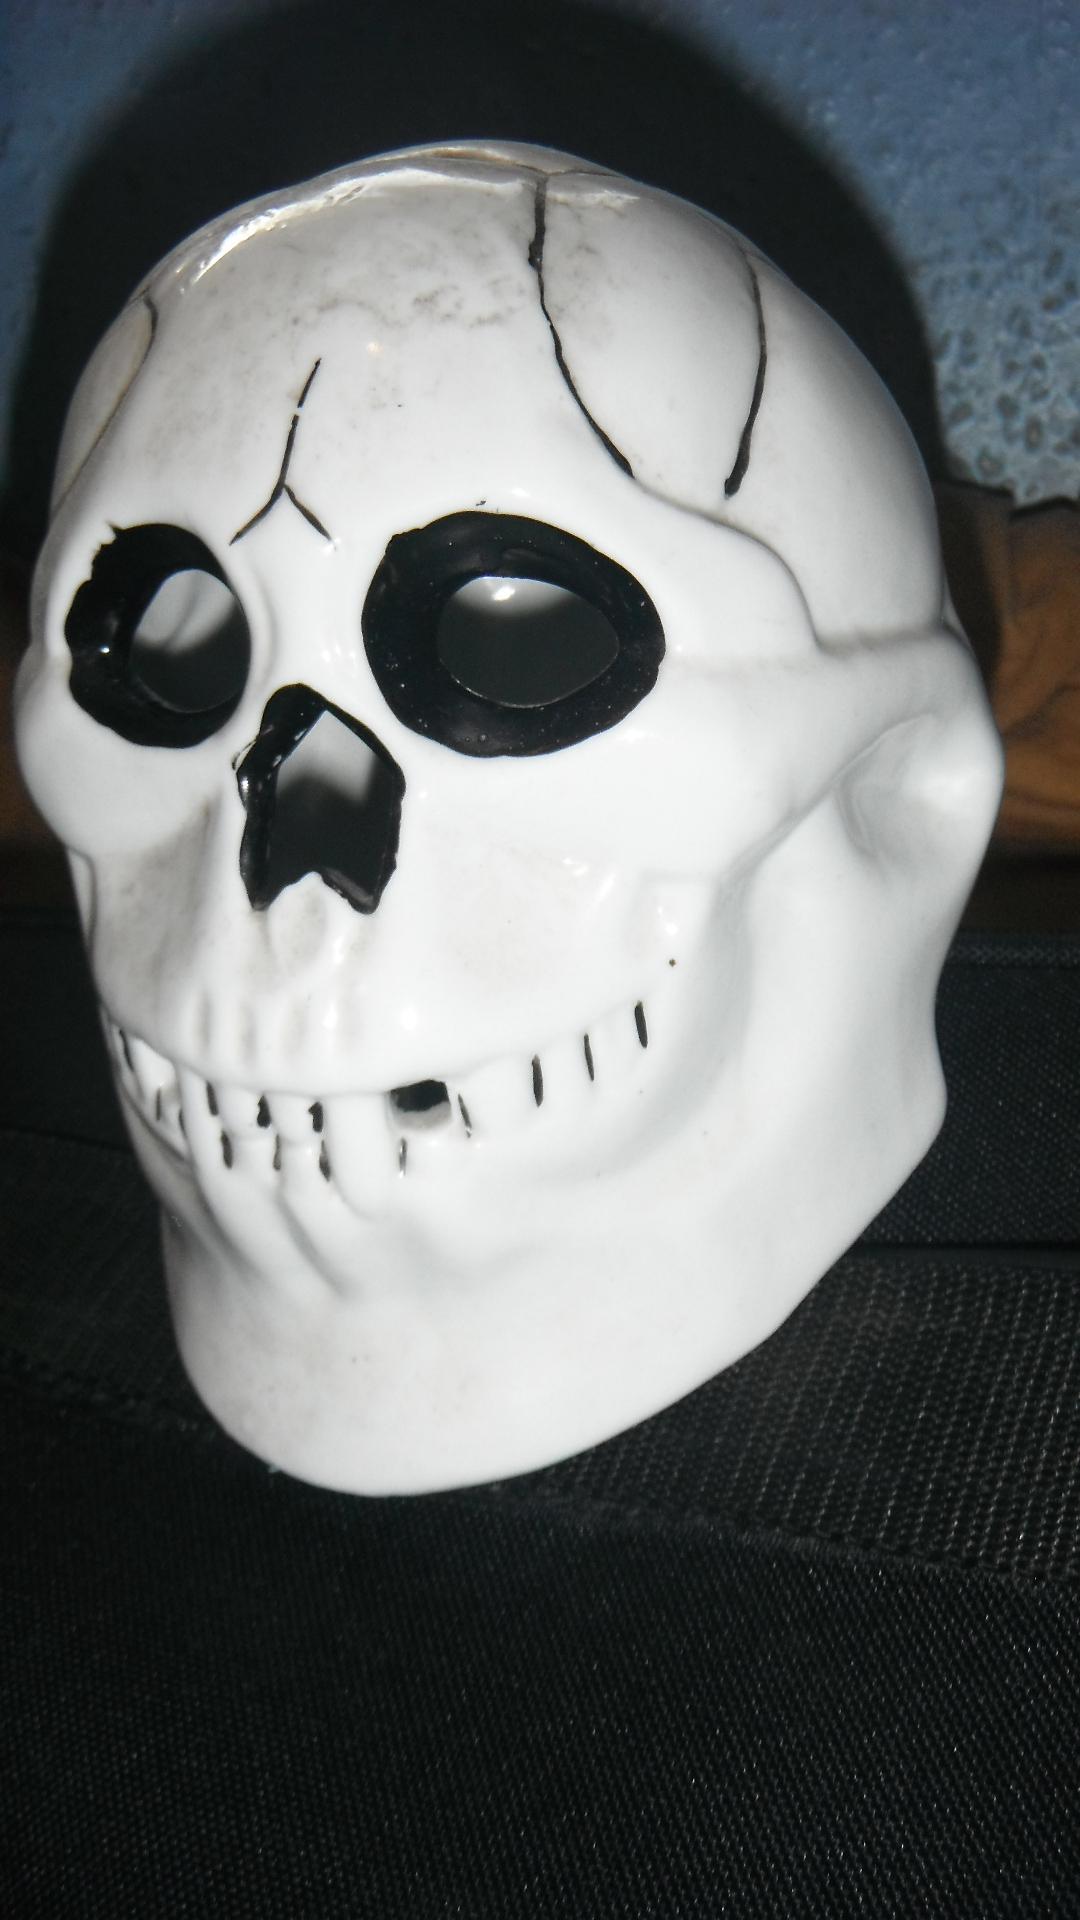 Photo taken by me - horror skull